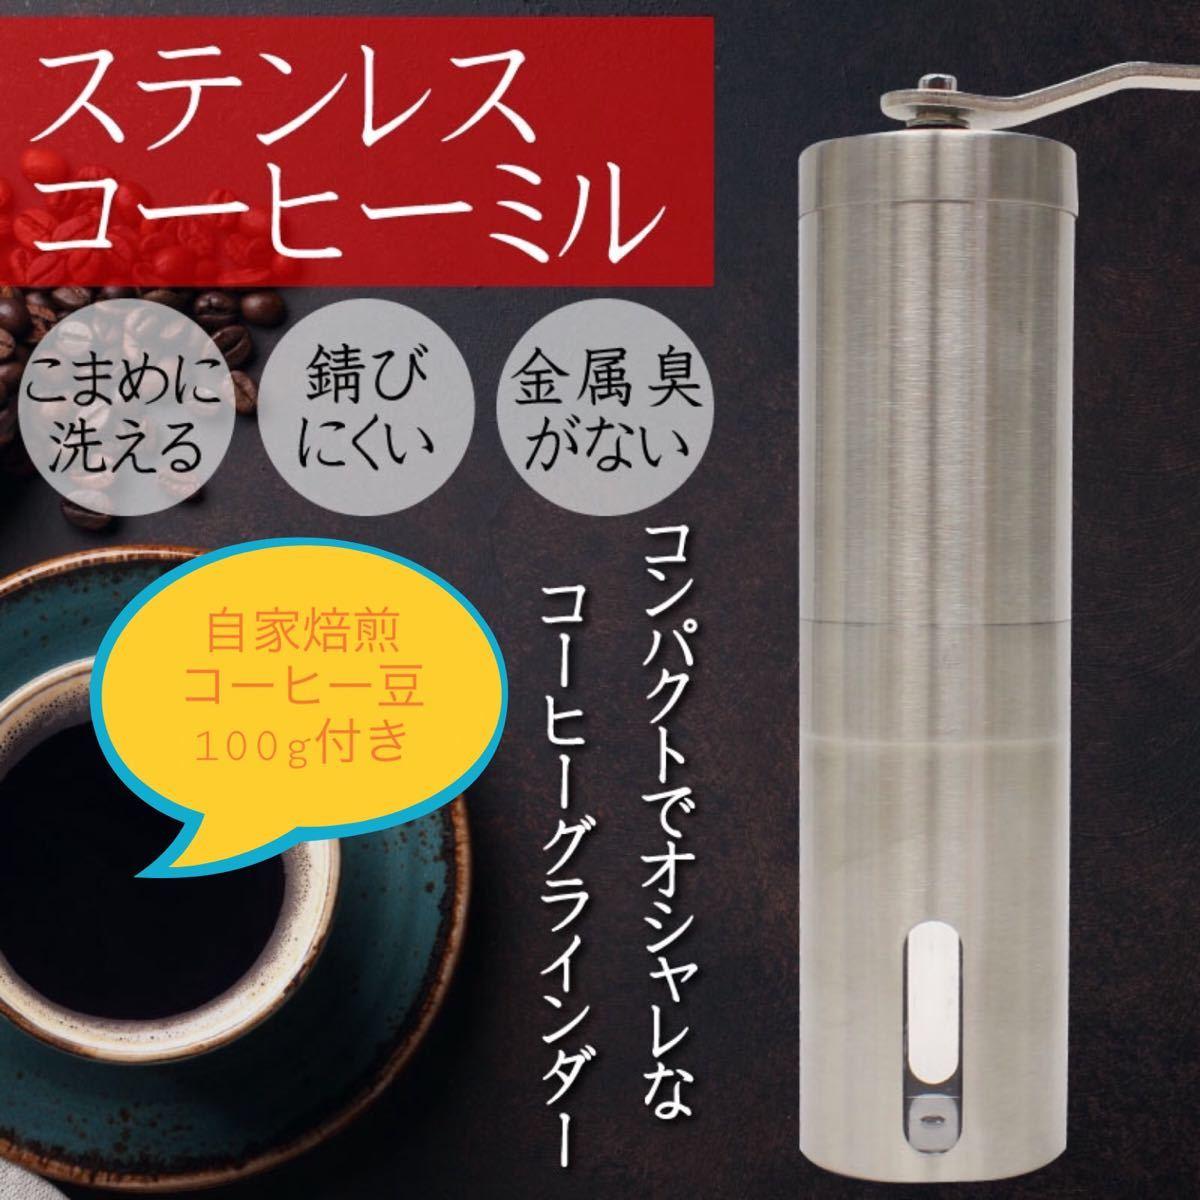 コーヒーミル&自家焙煎コーヒー豆100g(マイルドブレンド)セット